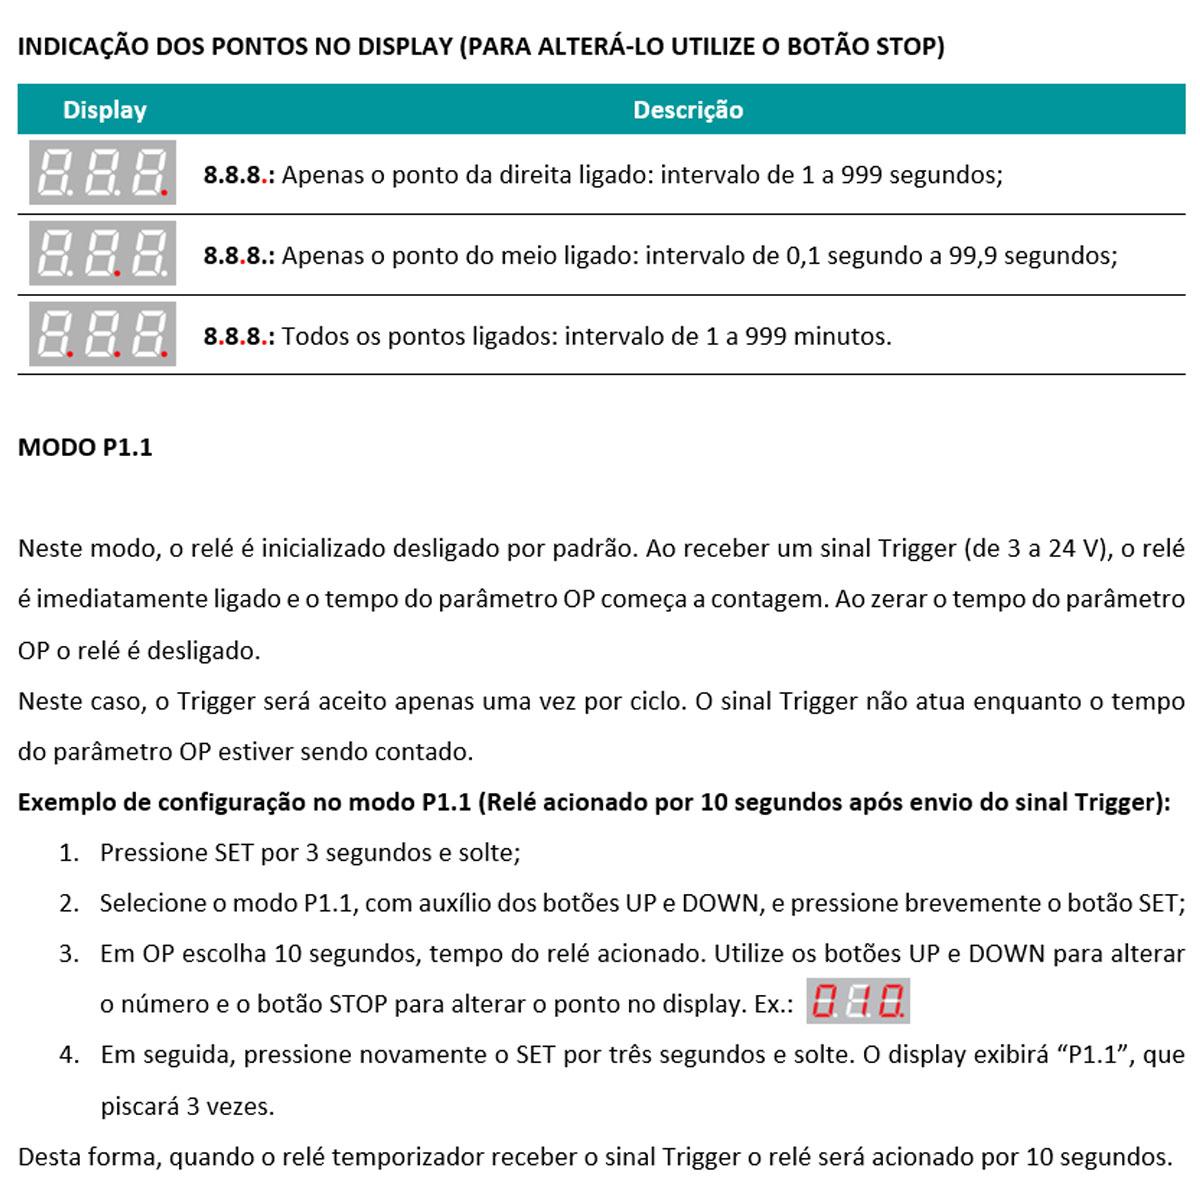 2x Relé Temporizador Digital Ajustável Delay Timer para Chocadeira e Usos em Geral